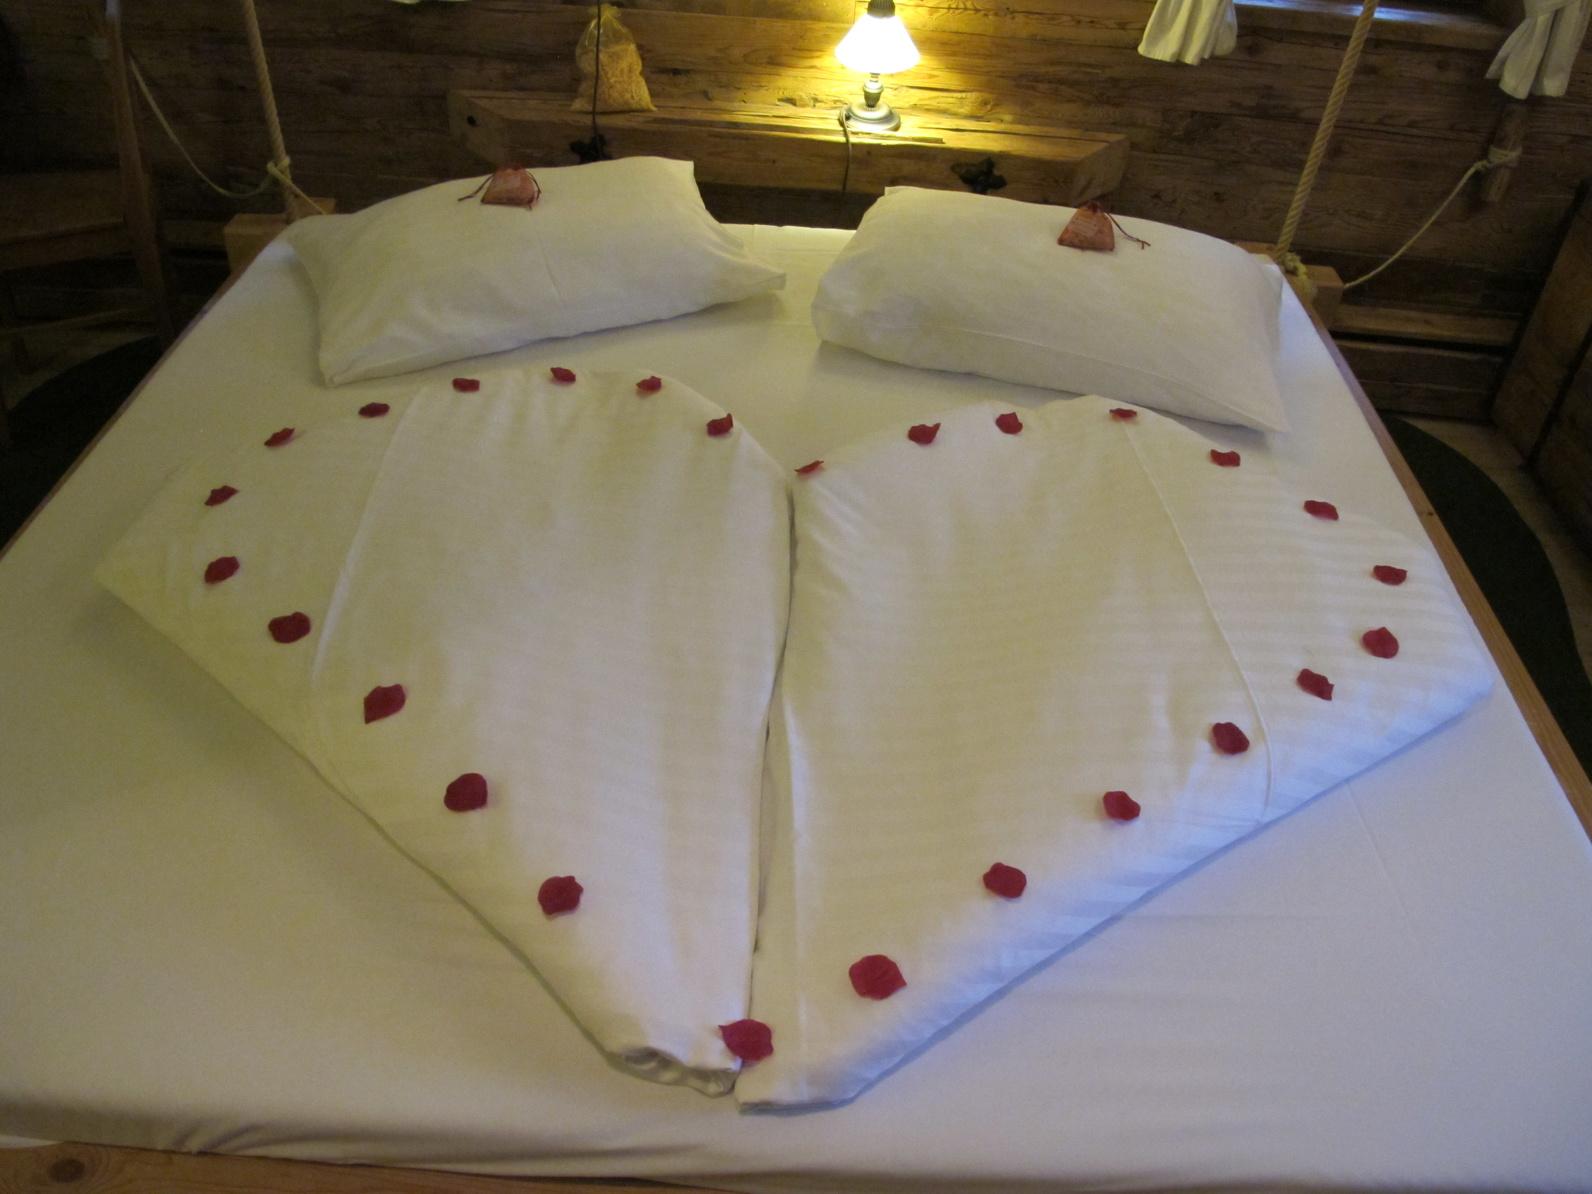 wohnung dekorieren zur hochzeit. Black Bedroom Furniture Sets. Home Design Ideas